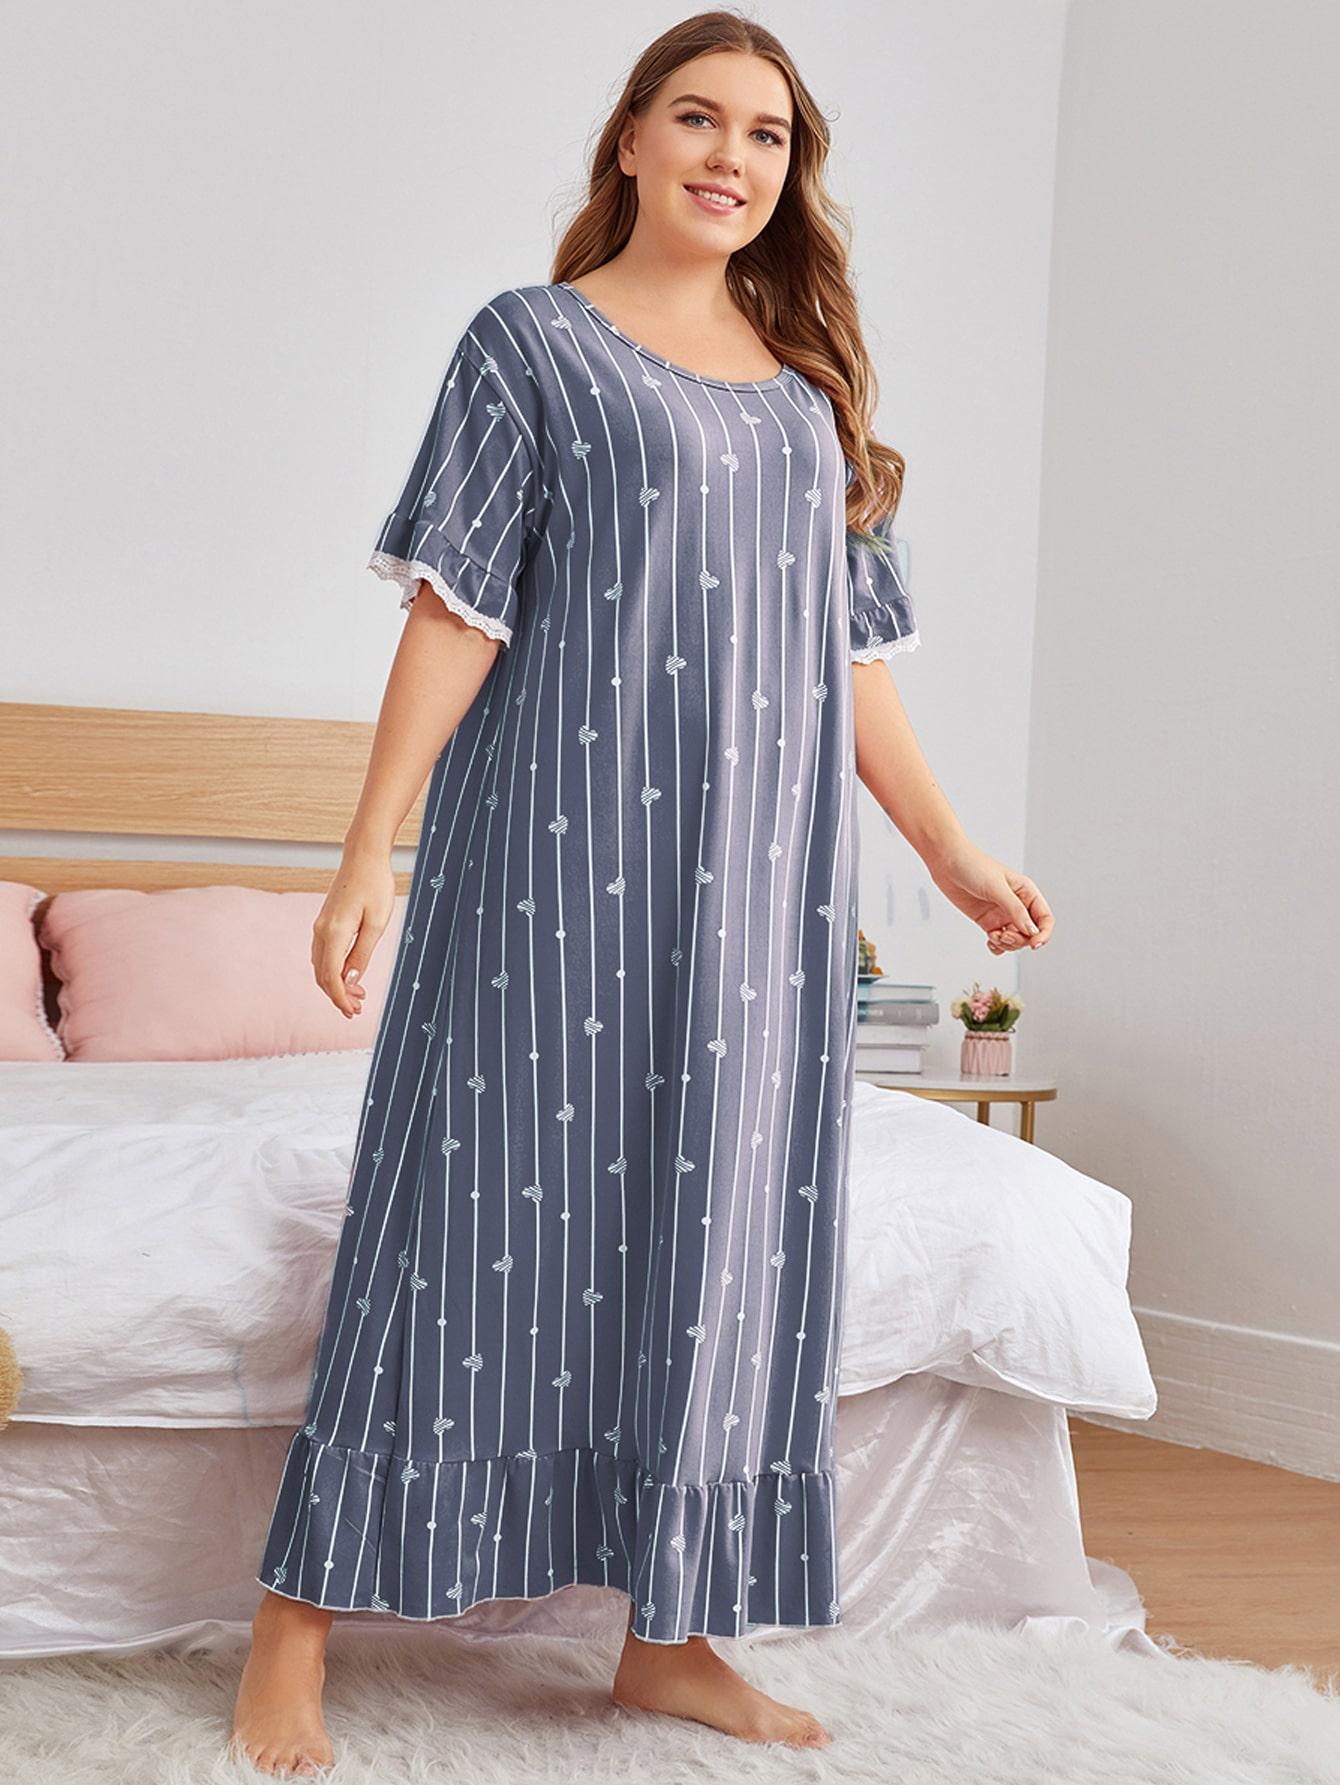 plus heart & striped print ruffle hem night dress